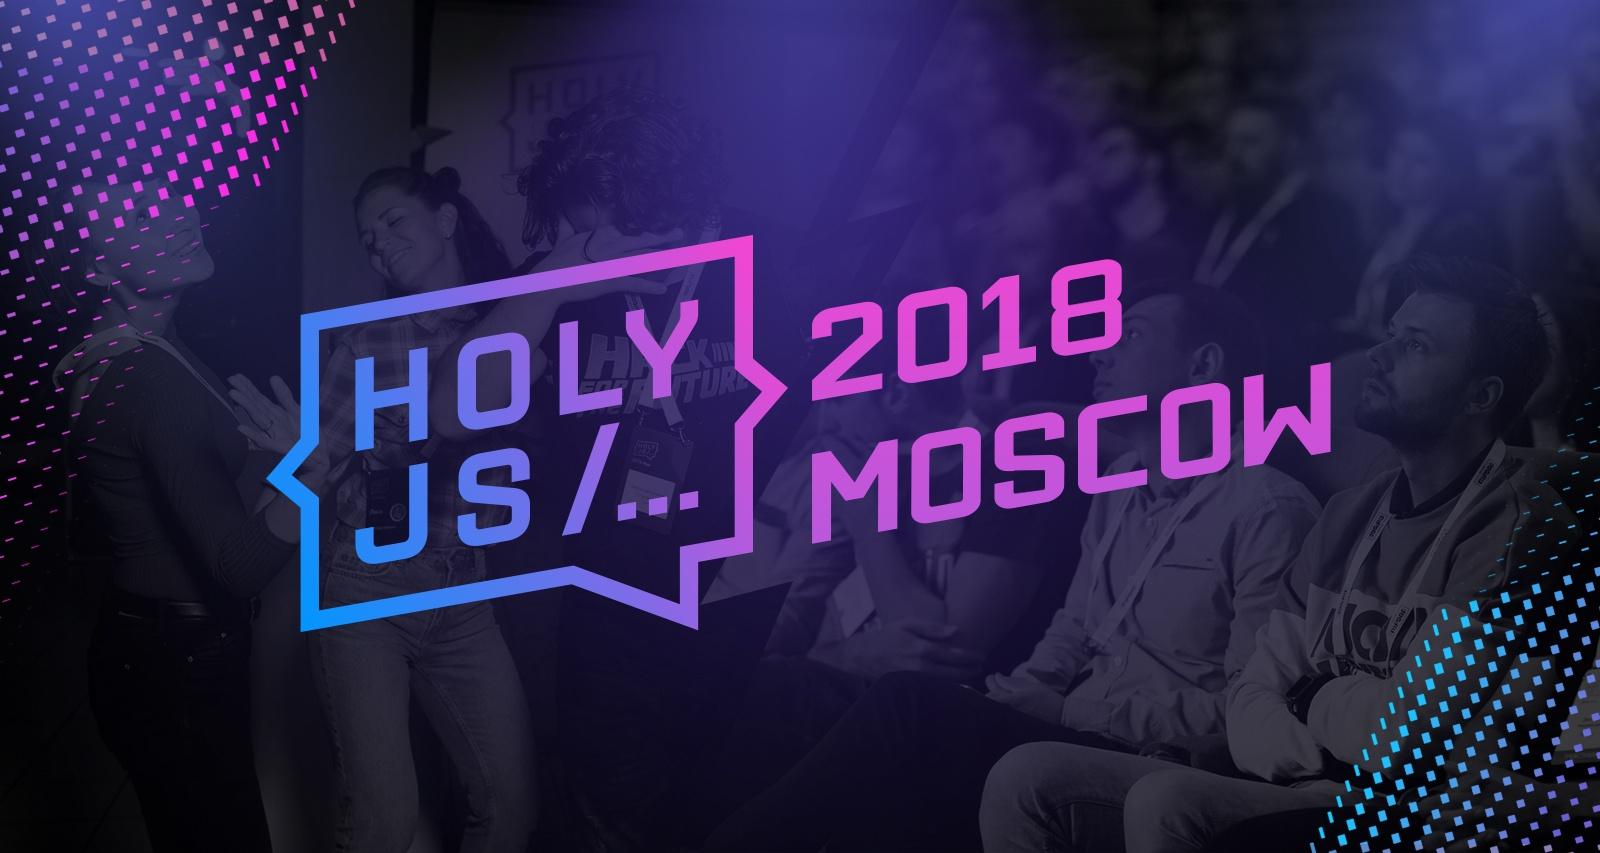 Слушать и говорить: анонс HolyJS 2018 Moscow - 1